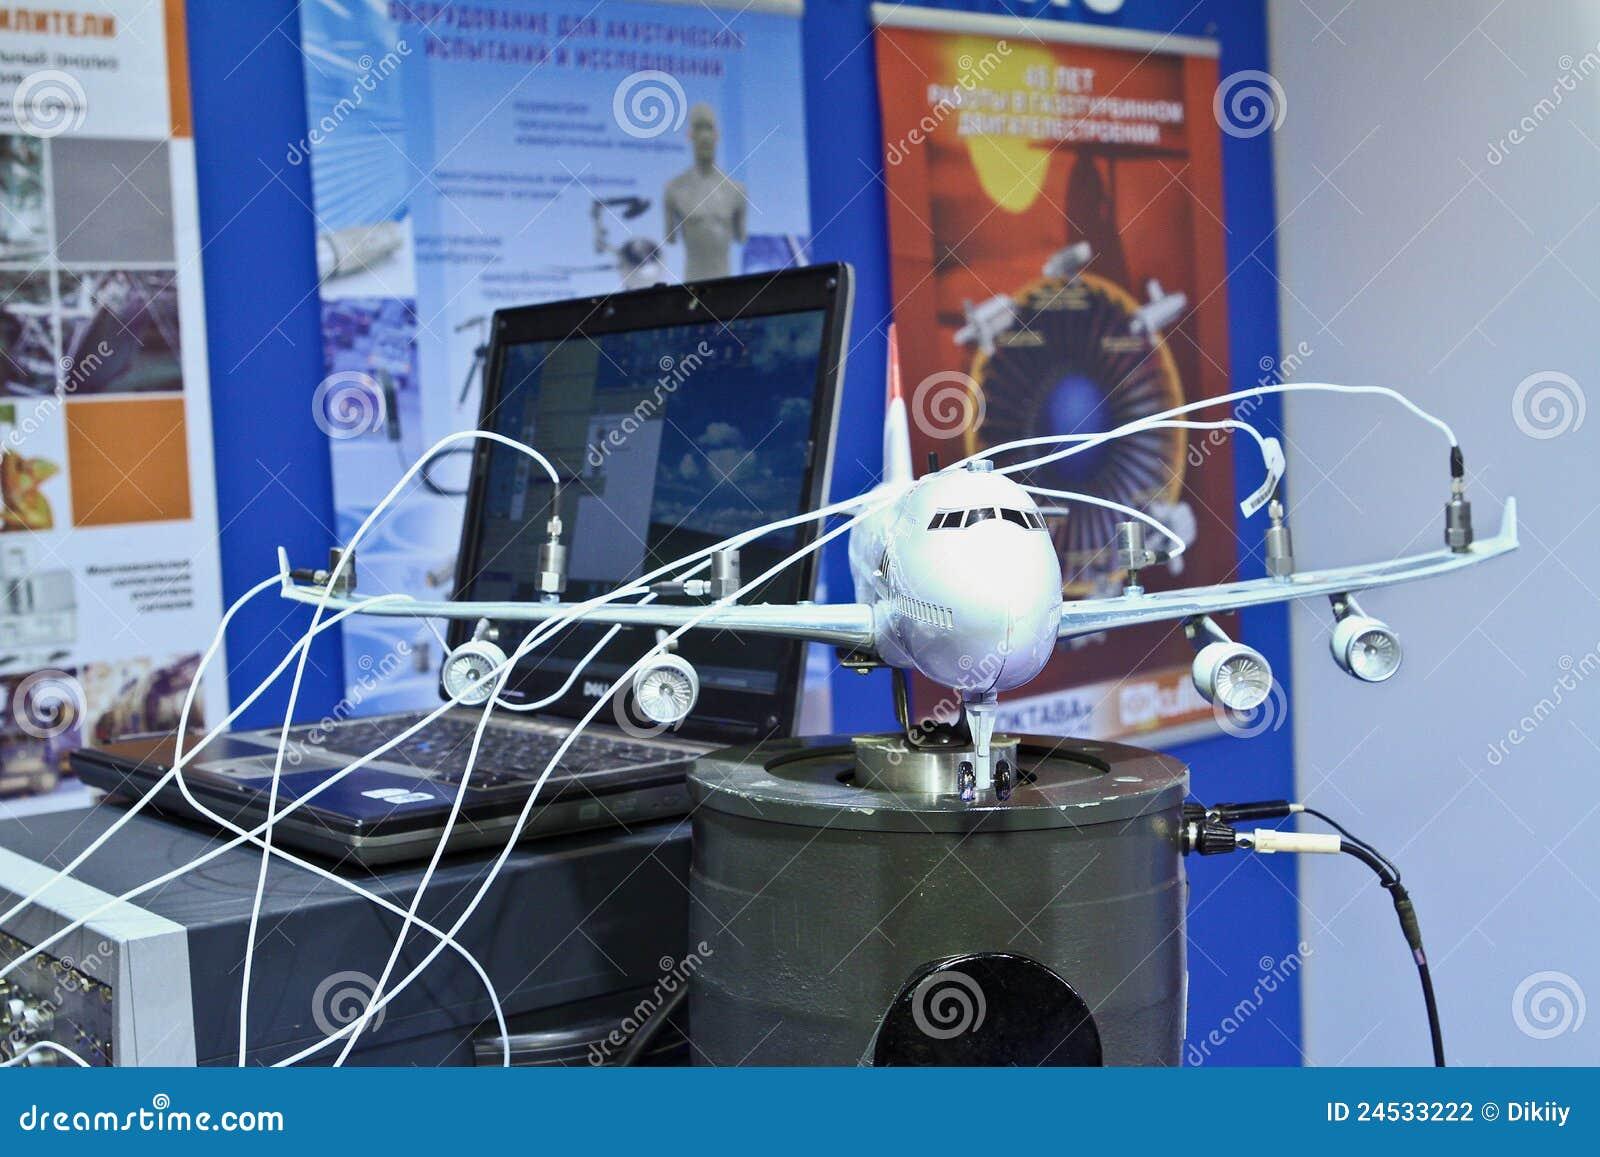 Avion Modèle De Banc Dessai Photographie éditorial Image Du Test